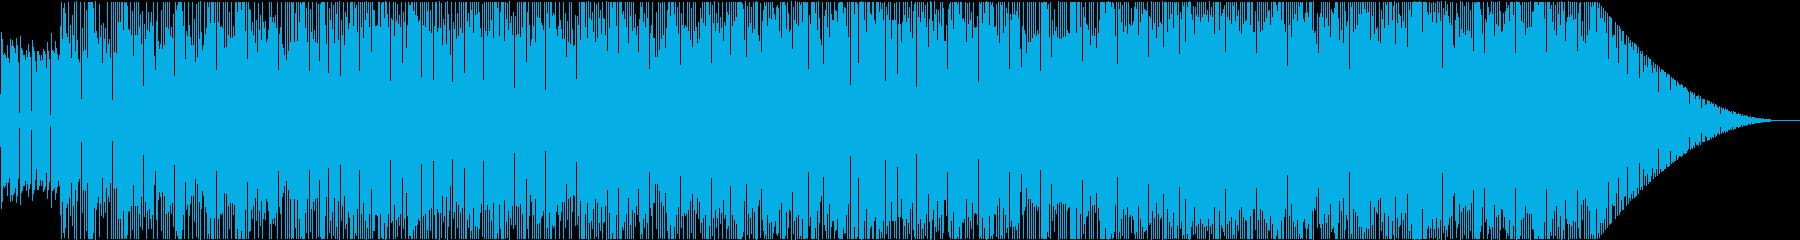 ストーンズ風ロックンロール♪の再生済みの波形